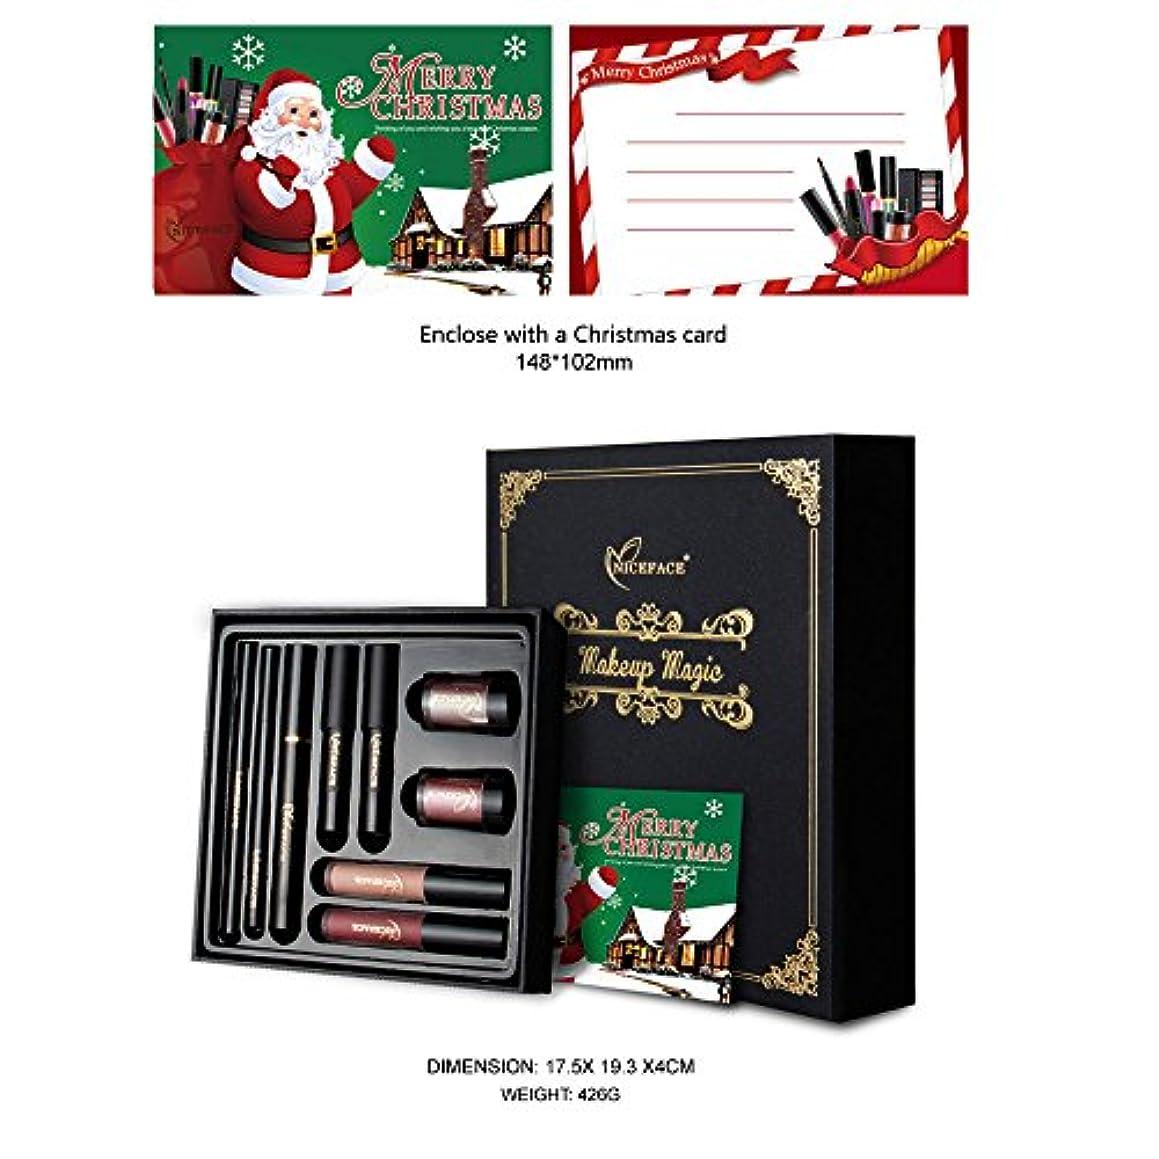 キルス固体シートクリスマスメイクキットギフトセットアイシャドウパウダーリップグロスアイラッシュリップスティックキット